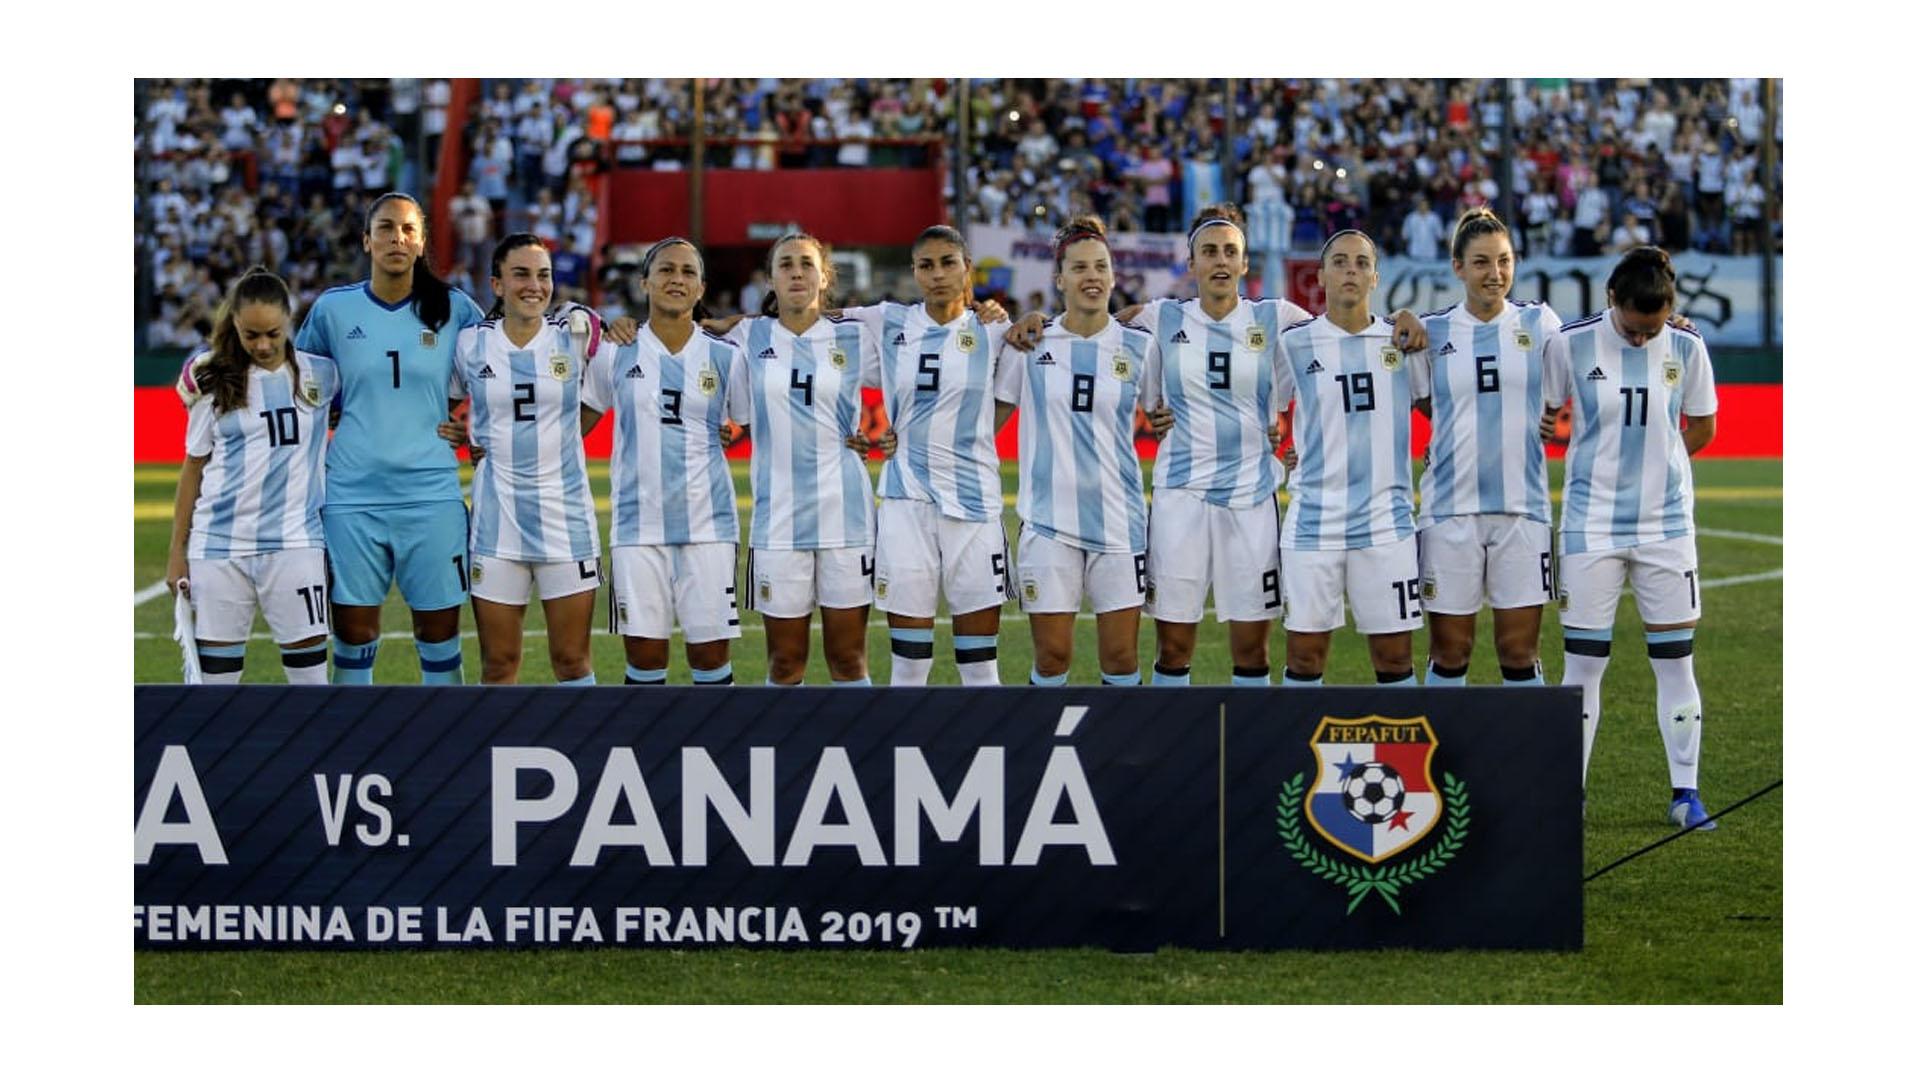 La Selección femenina dio un gran paso en su objetivo de llegar al Mundial: goleó a Panamá en el duelo de ida del repechaje (Nicolás Aboaf)